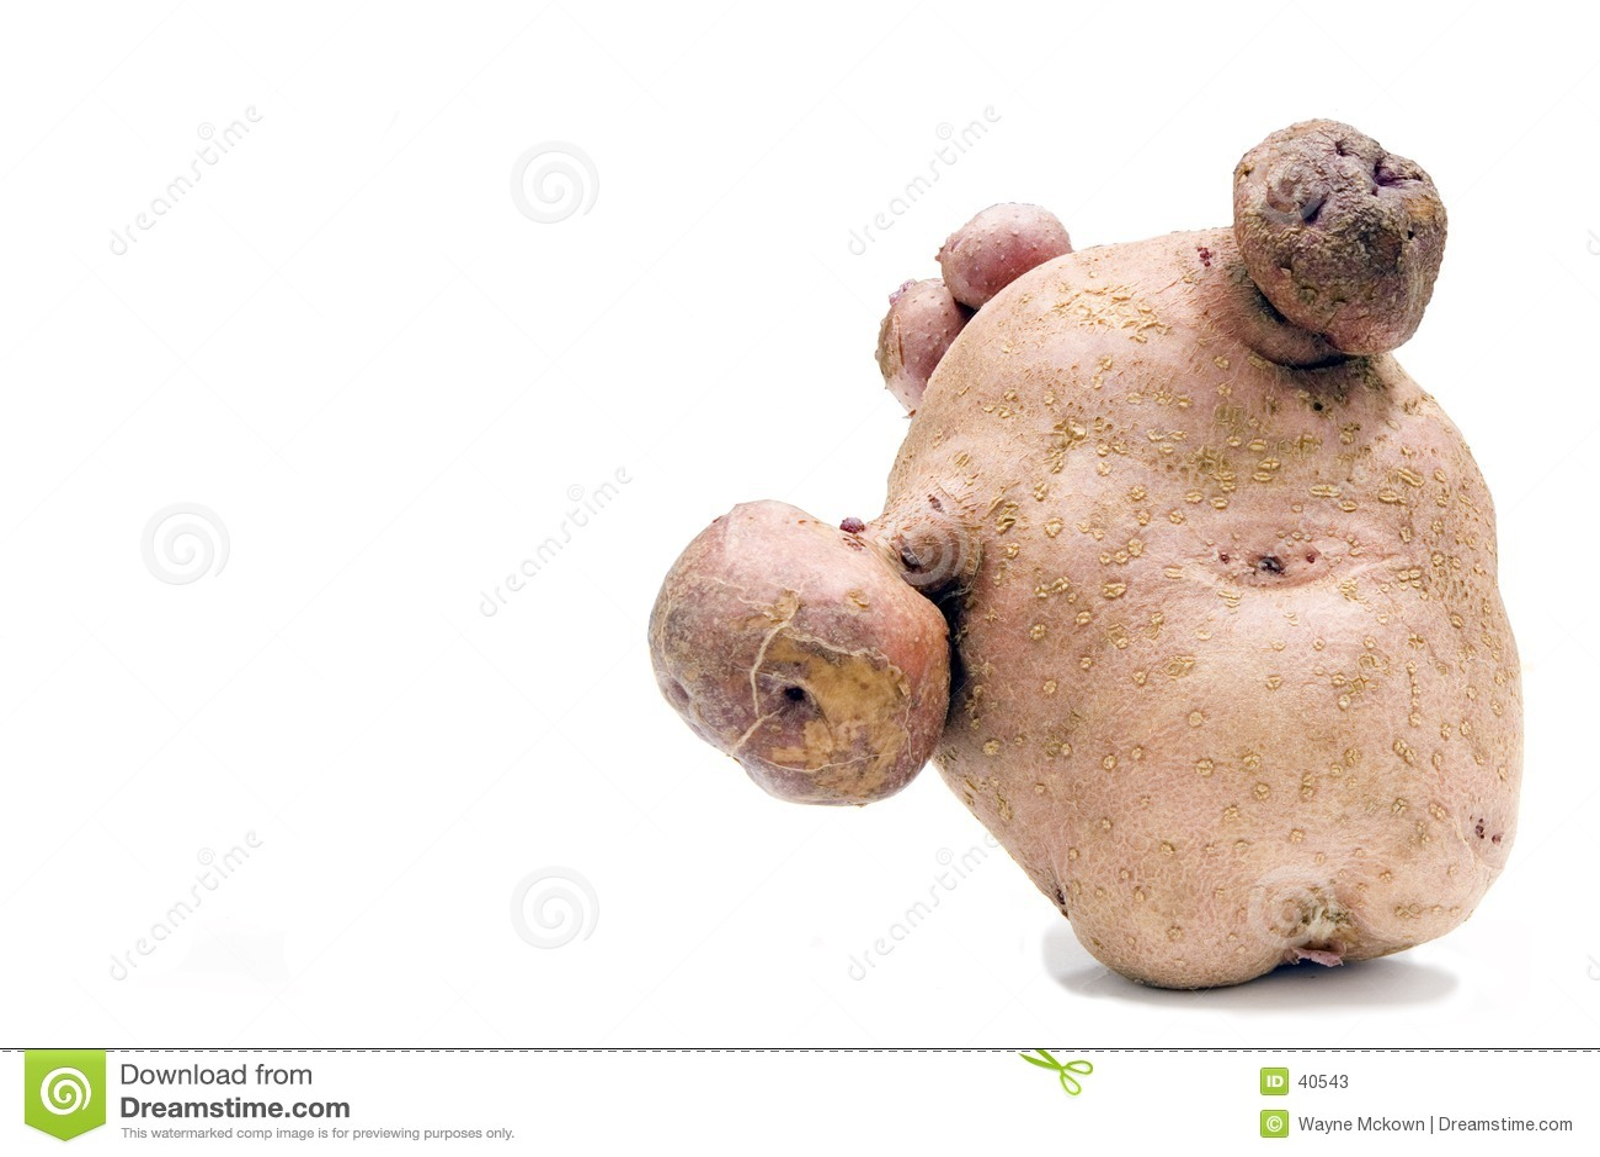 Potatoe défiguré